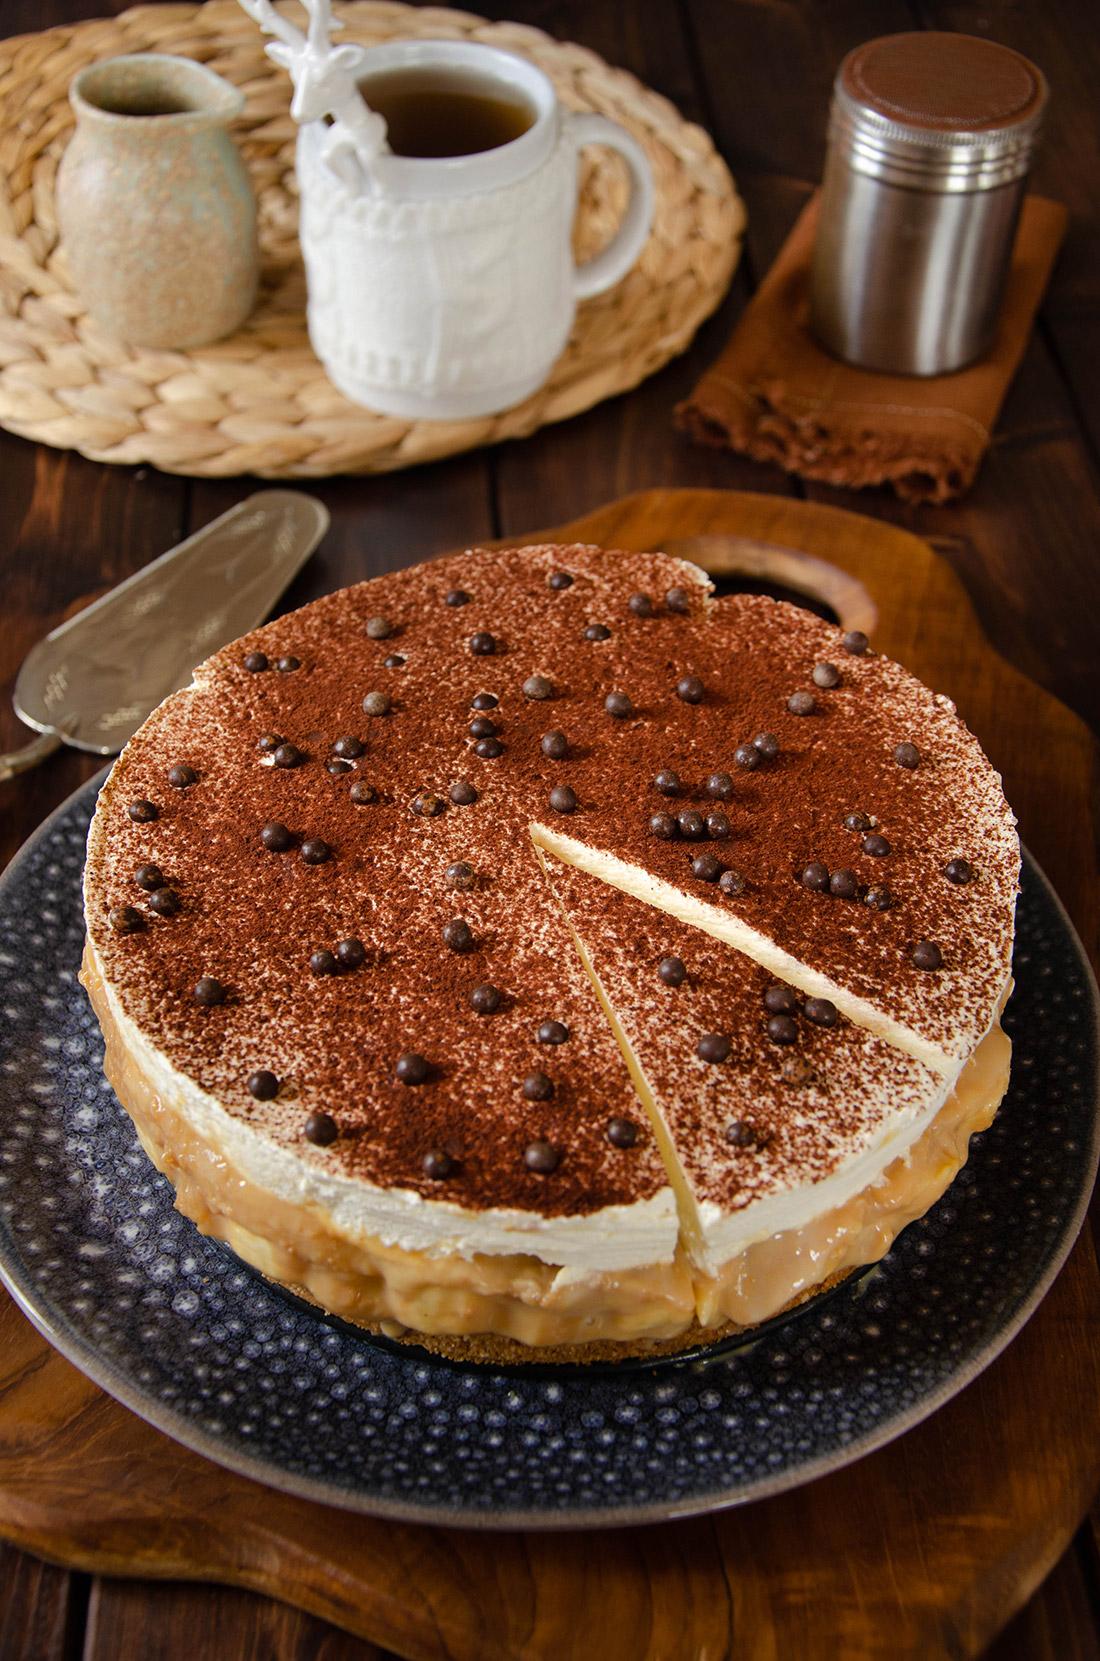 recette de banoffee pie, un mélange de banane caramel et crème fouttée